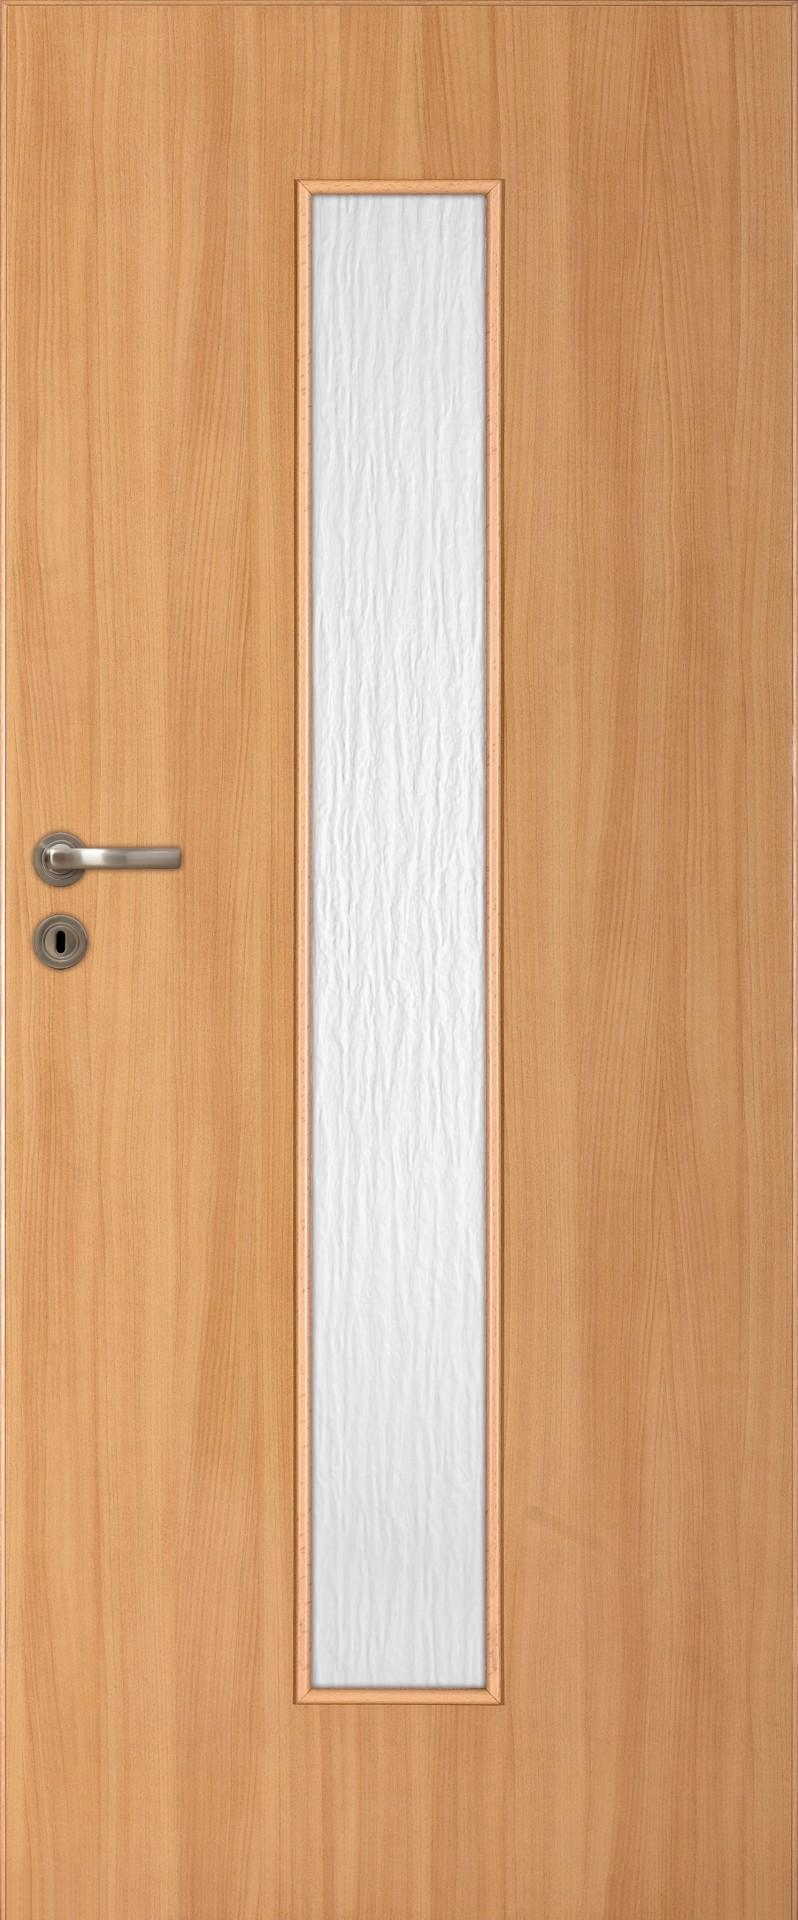 Dre dveře Lack 40, Šíře v cm 70